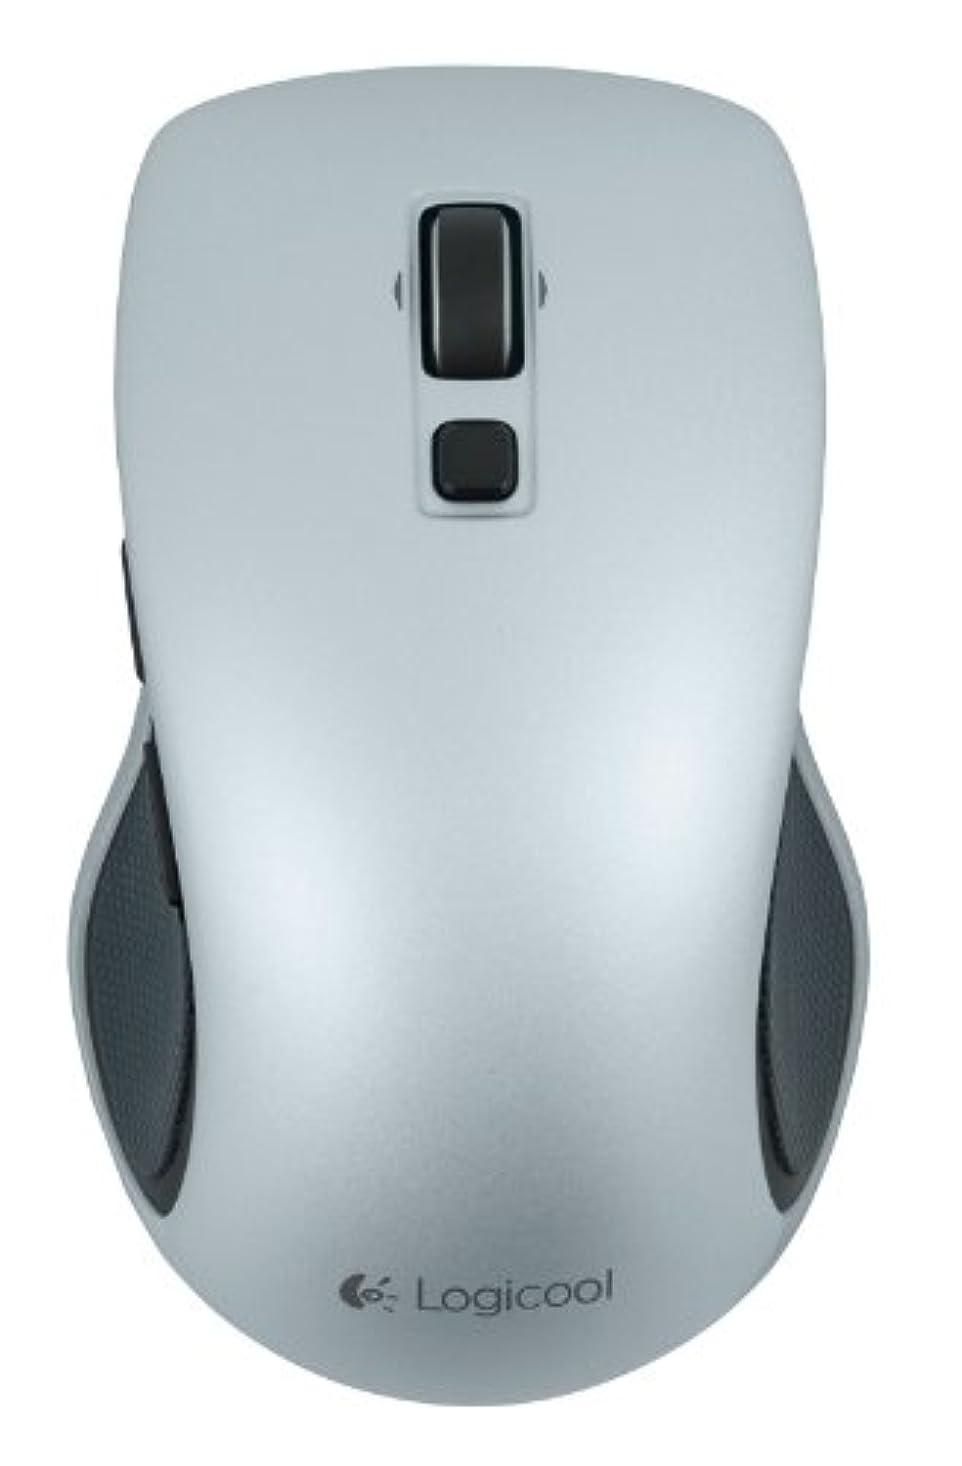 約酔っ払い薬剤師Logicool ロジクール ワイヤレスマウス M560 ライトシルバー